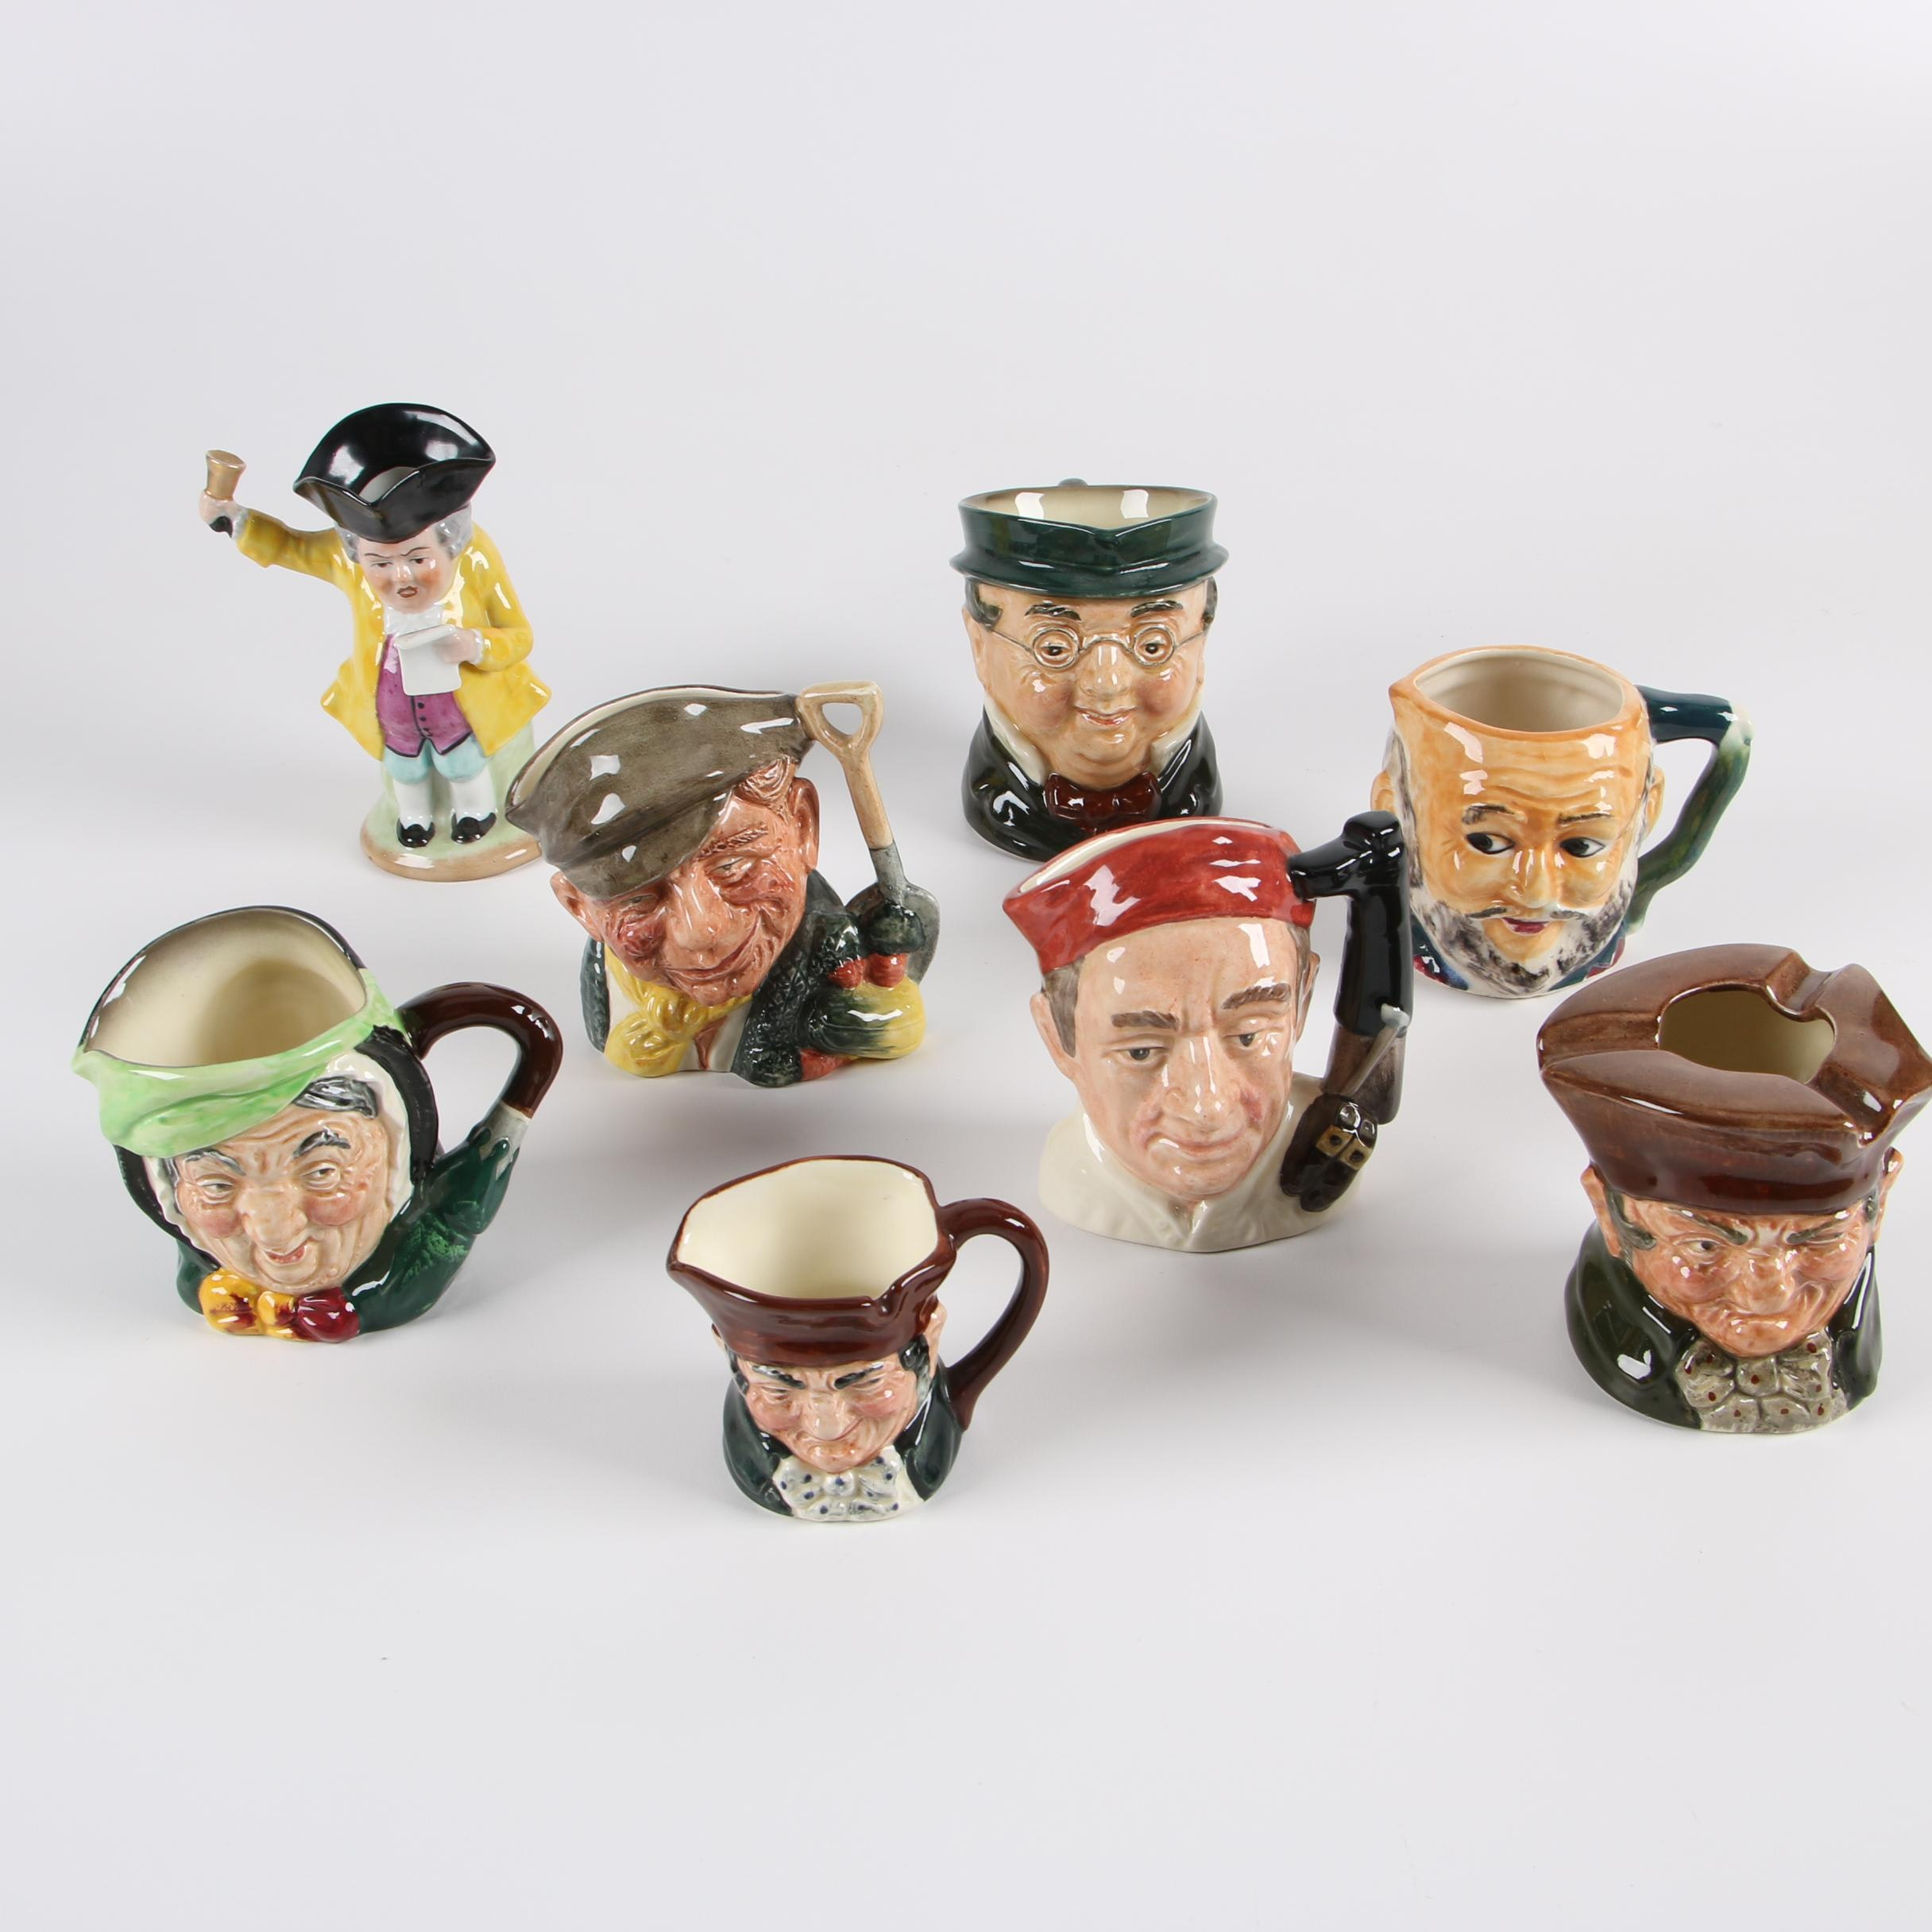 Character Mugs including Royal Doulton